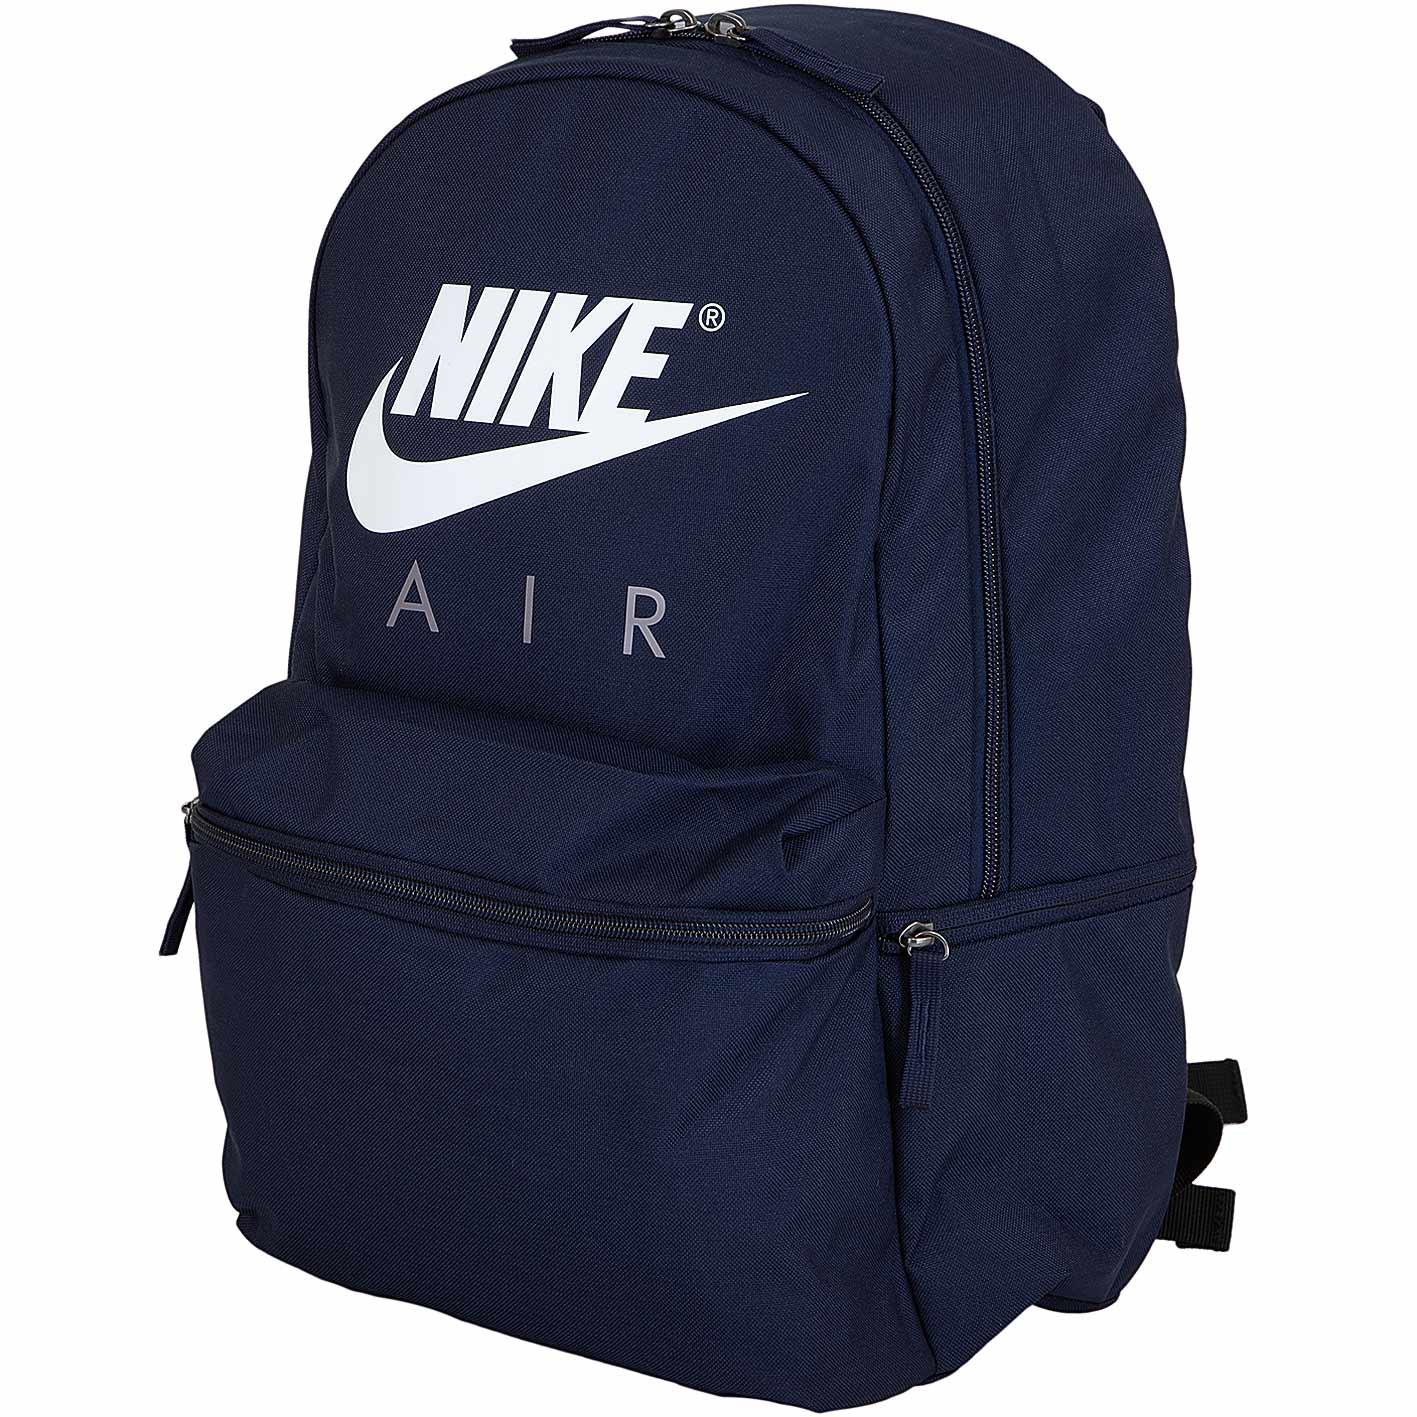 nice shoes wholesale online best selling ☆ Nike Rucksack Air dunkelblau/weiß - hier bestellen!